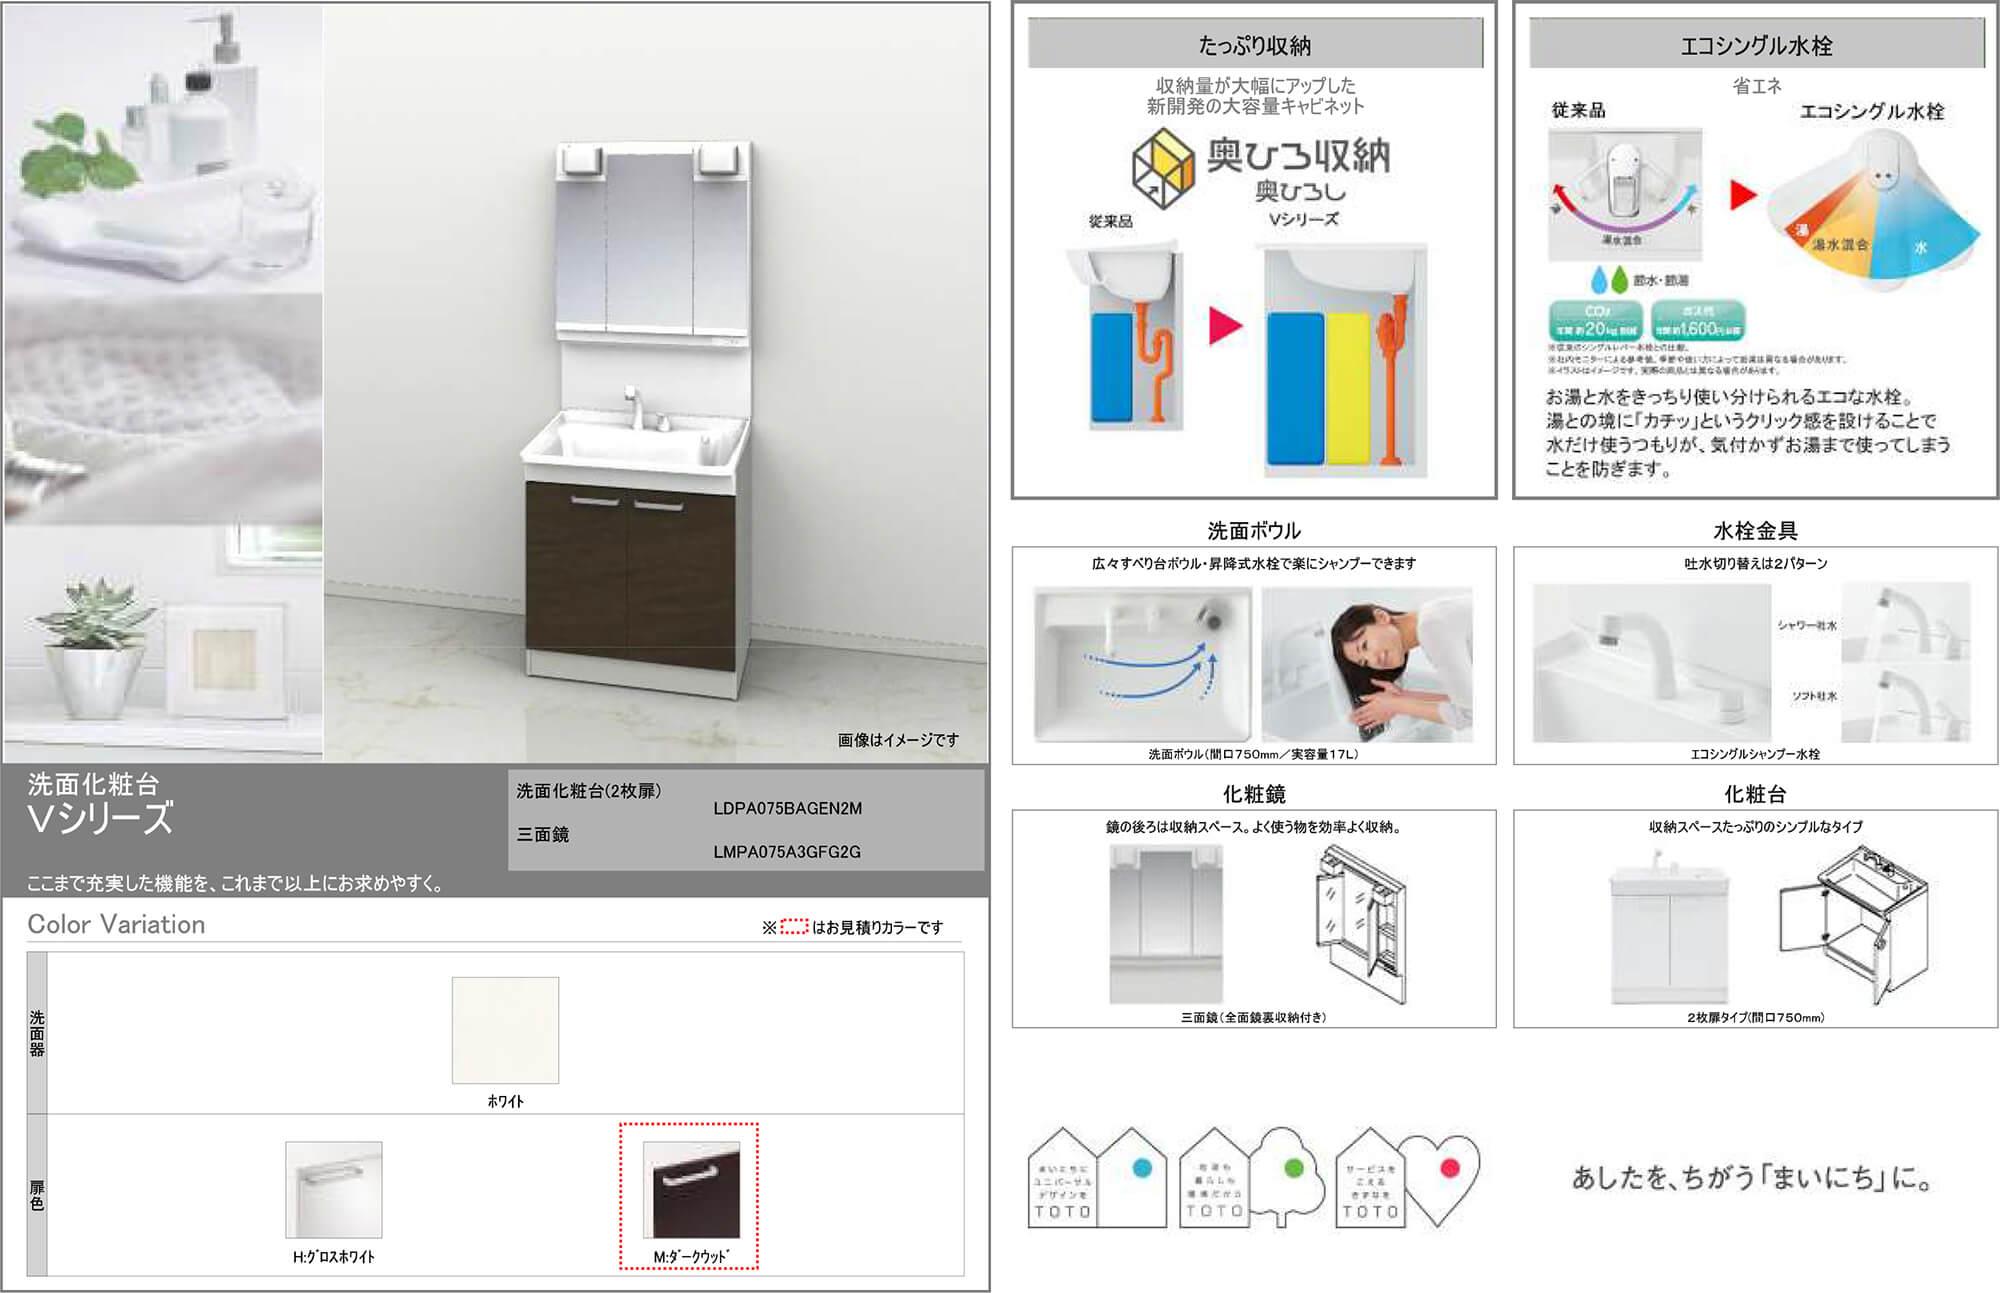 洗面化粧台カタログの画像